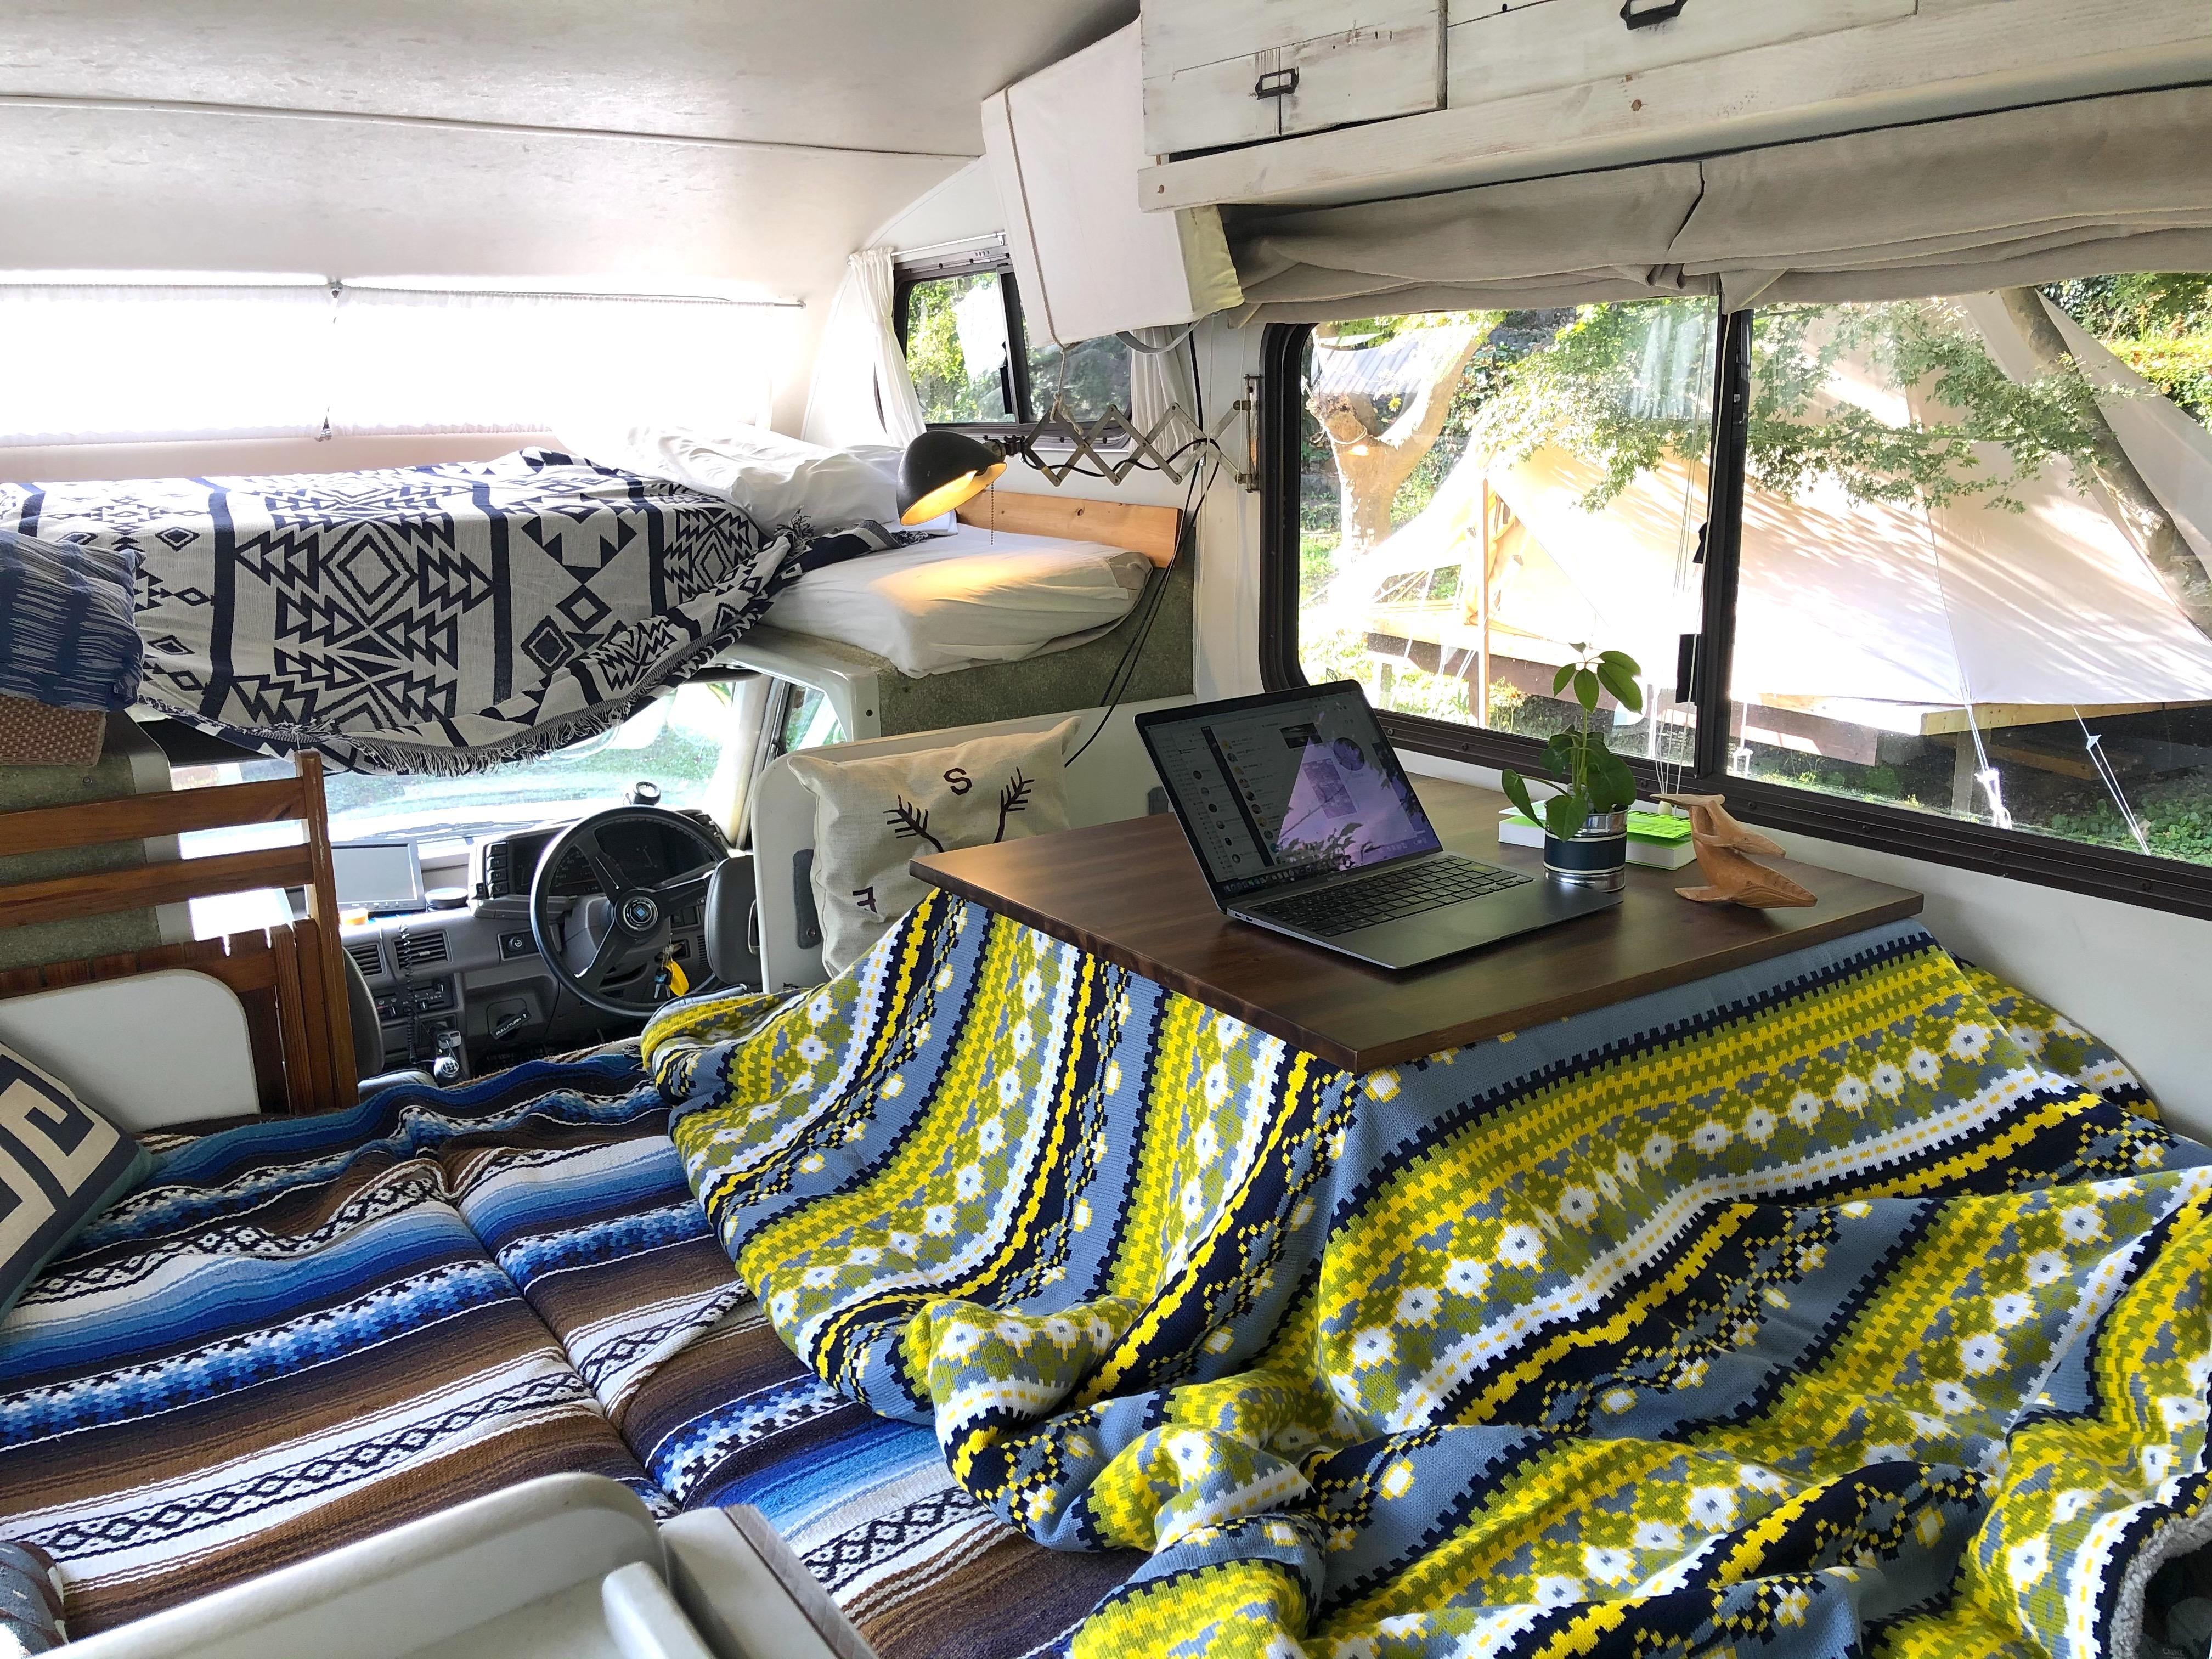 【1日限定1組】こたつキャンピングカーに泊まれる!お座敷こたつスタイル登場!手ぶらでもOK!大人2名さま+小さい子供2名さまぐらいまで宿泊できます。(事前予約が必要です)車内でお料理はできません。